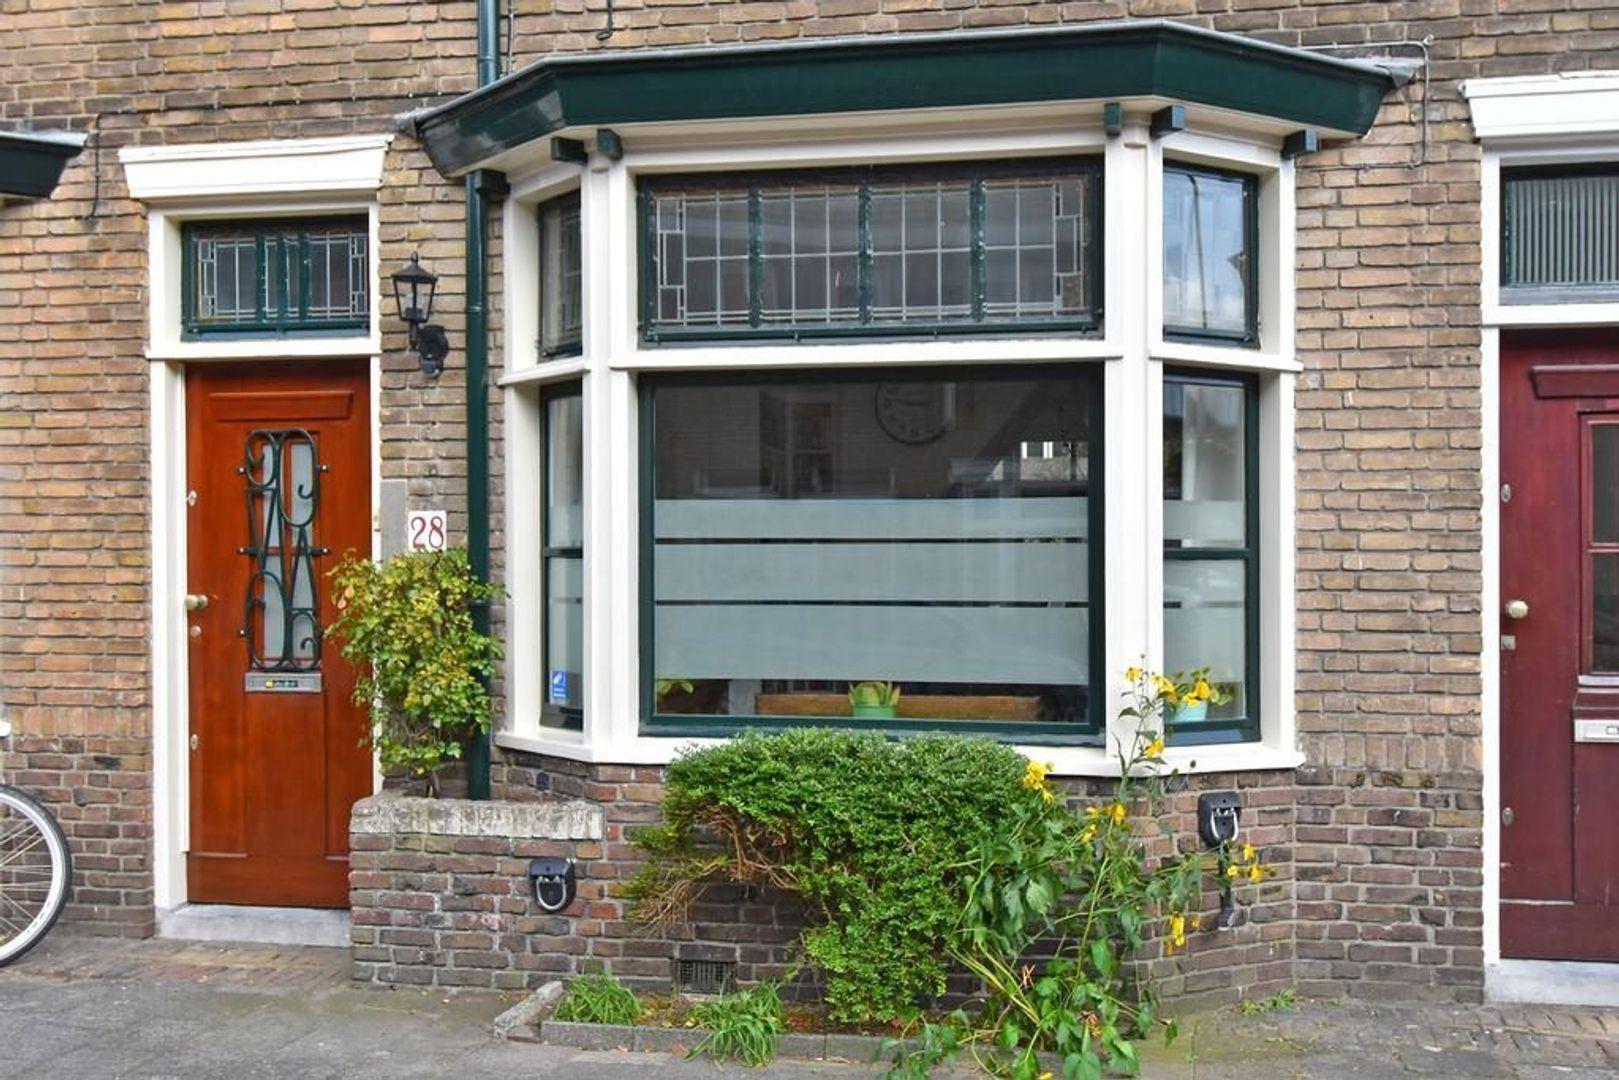 Agrippinastraat 28, Voorburg foto-2